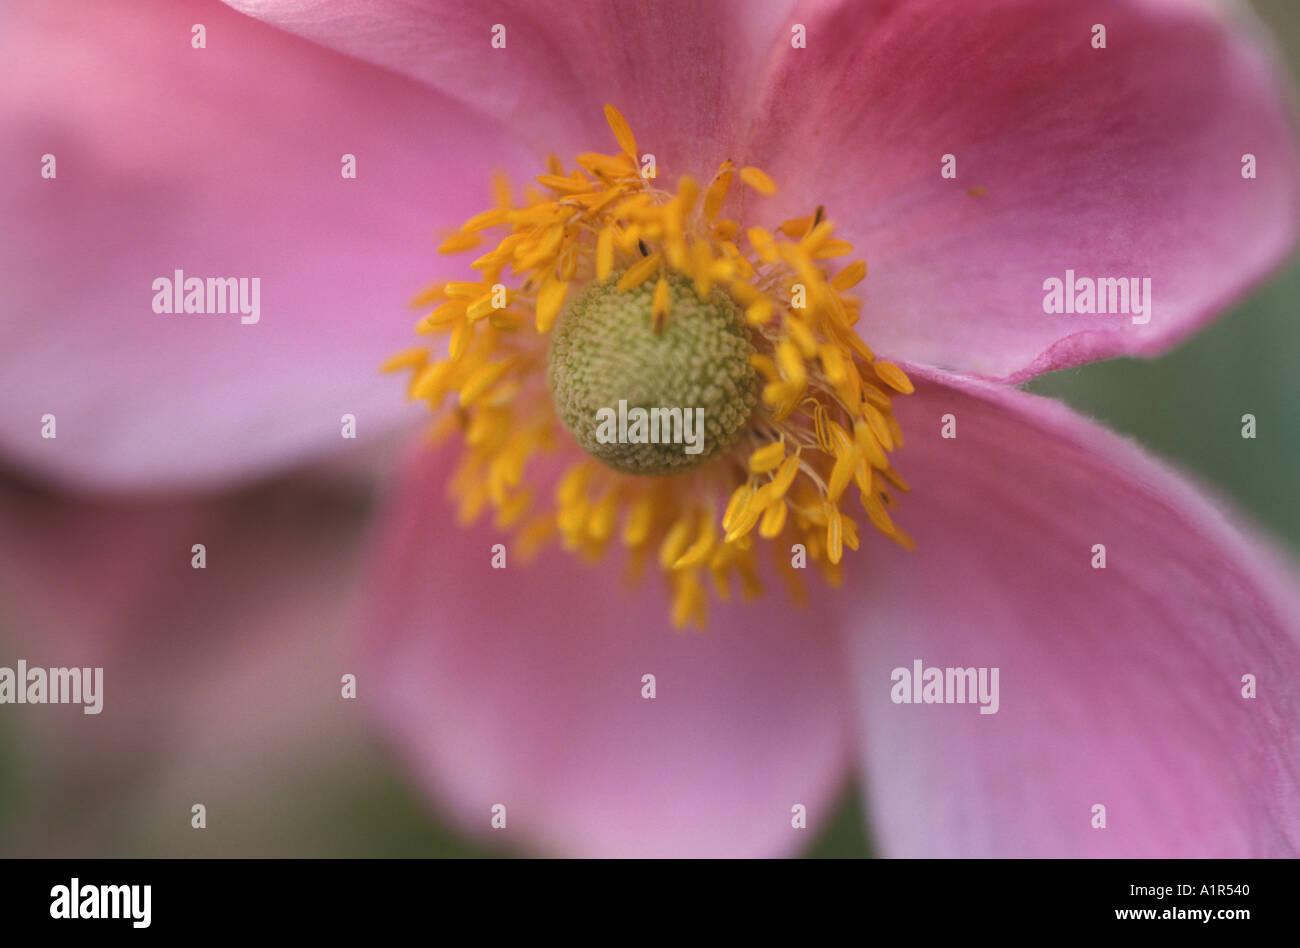 Rosa Blüte, Nahaufnahme Stockbild